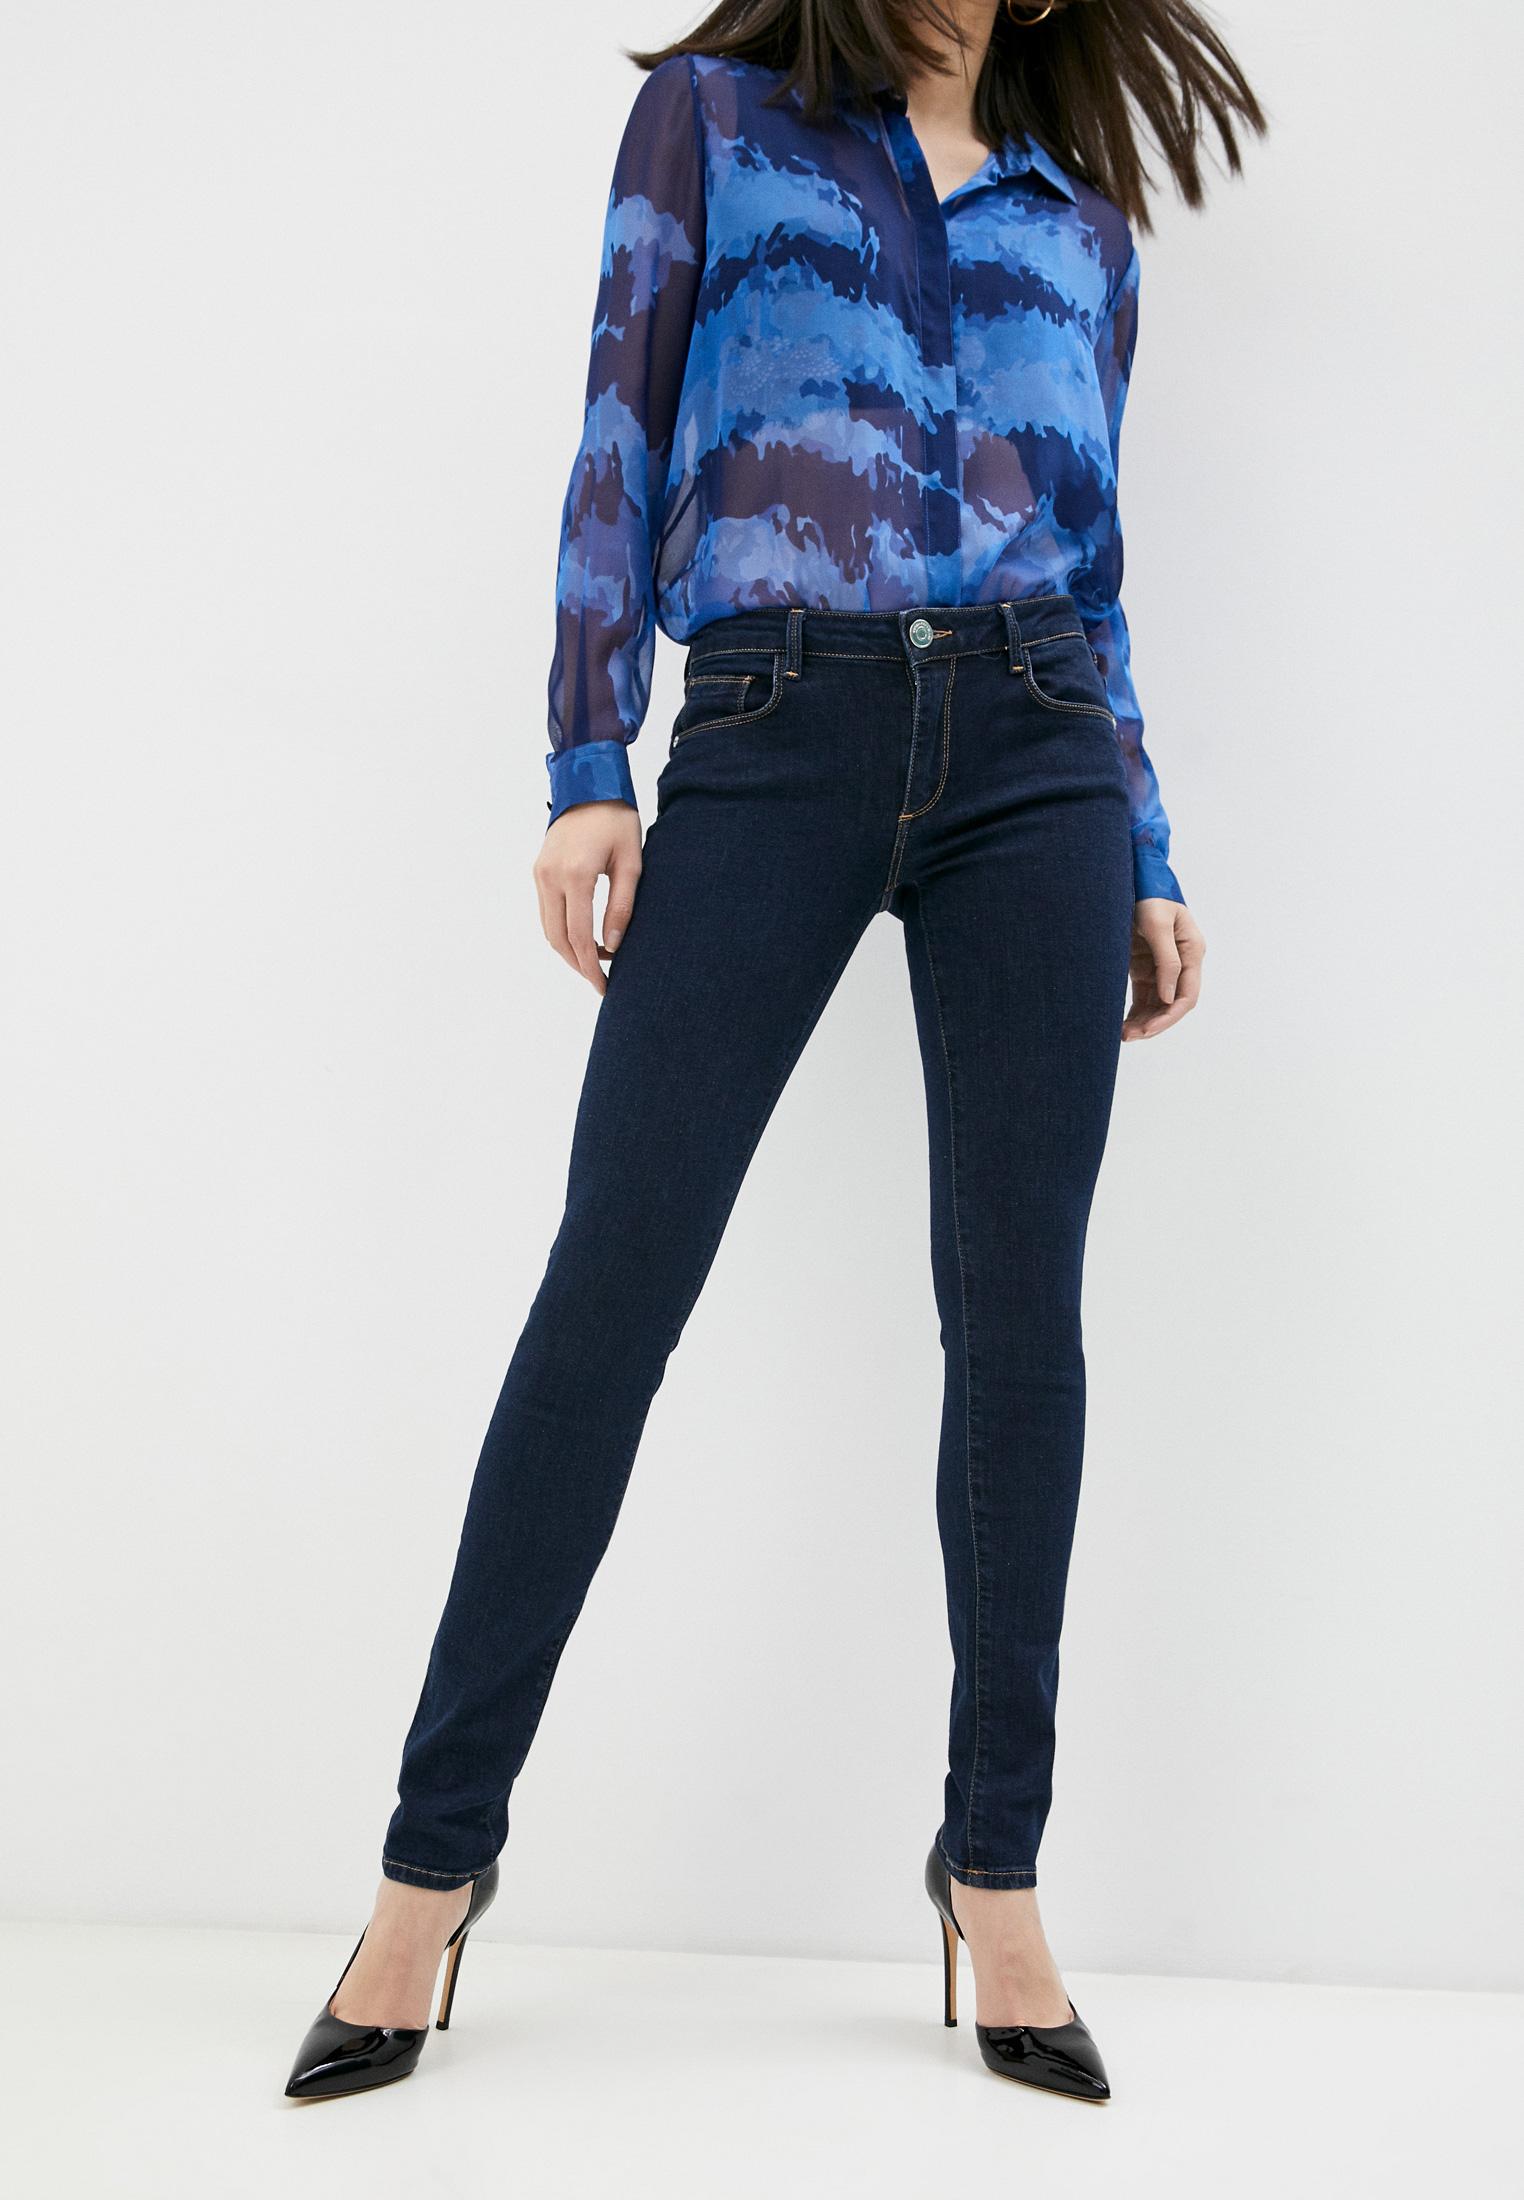 Зауженные джинсы Trussardi (Труссарди) 56J00001-1T002364-A-002